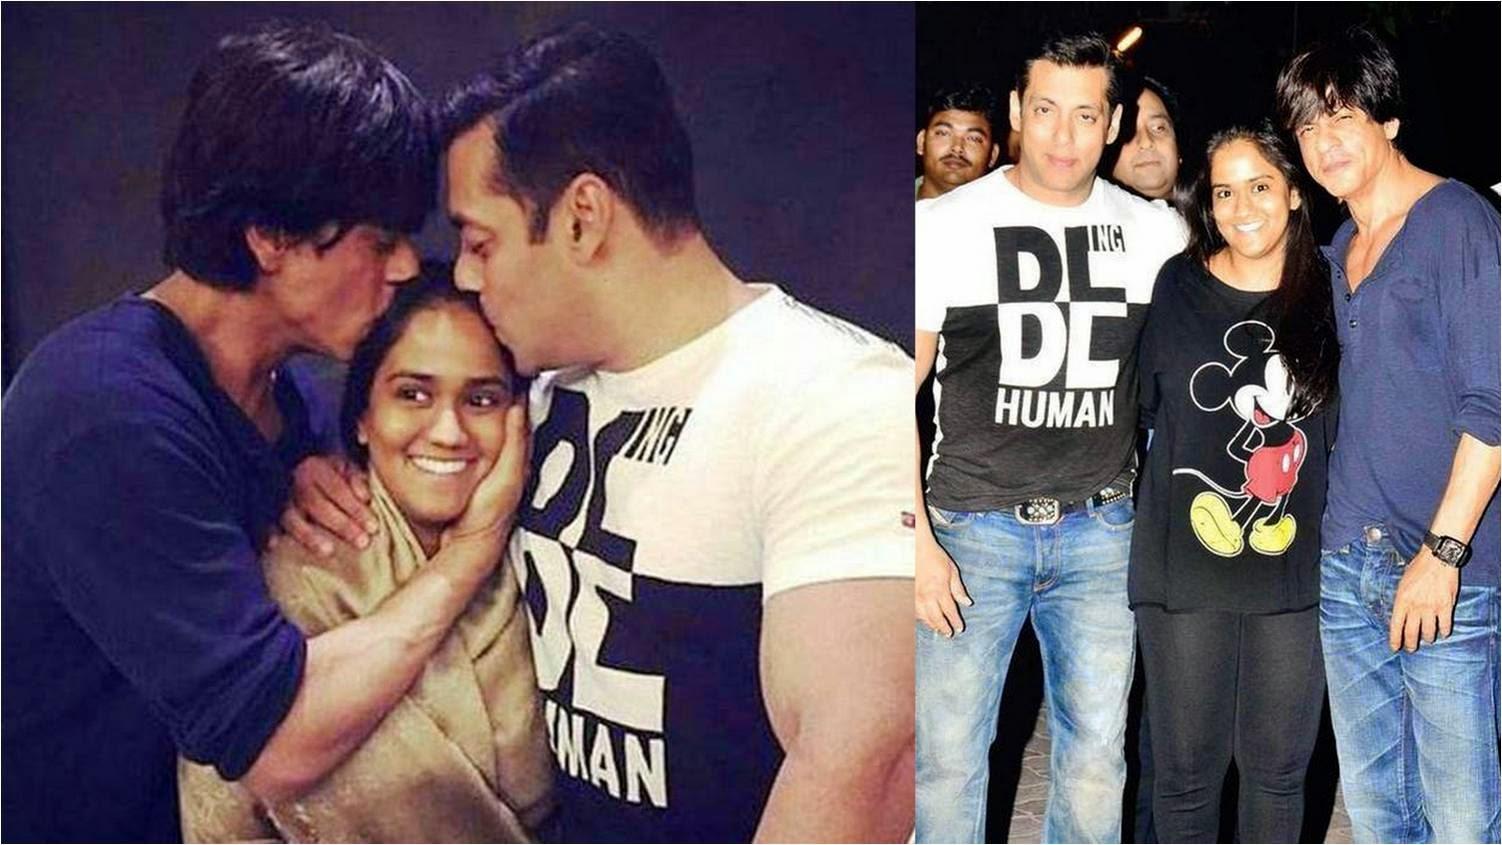 Shahrukh Khan and Salman Khan together at Salman's sister's wedding